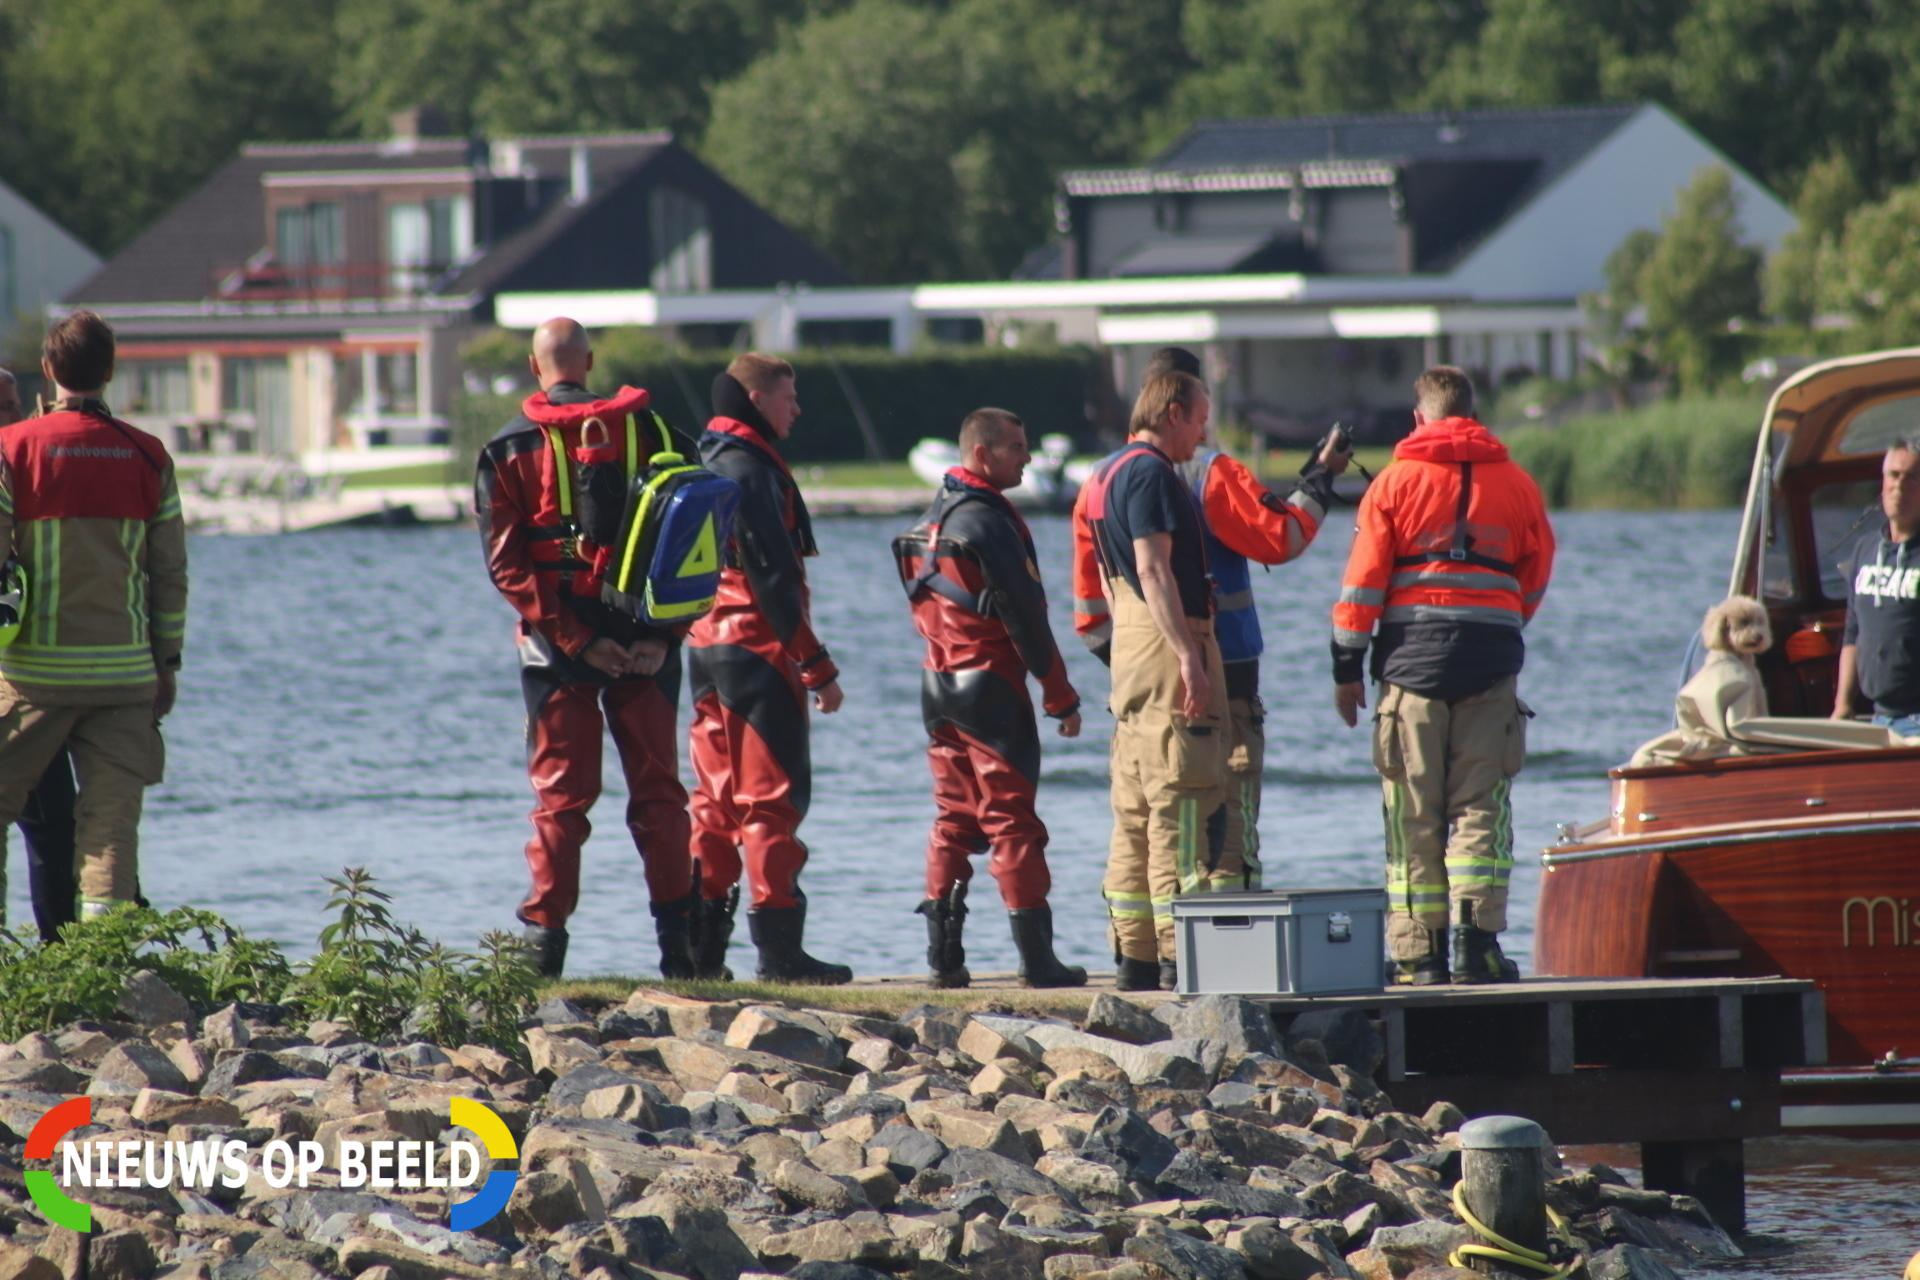 Vier personen omgeslagen bootje gered Veckhoekse Sluisweg Vierpolders